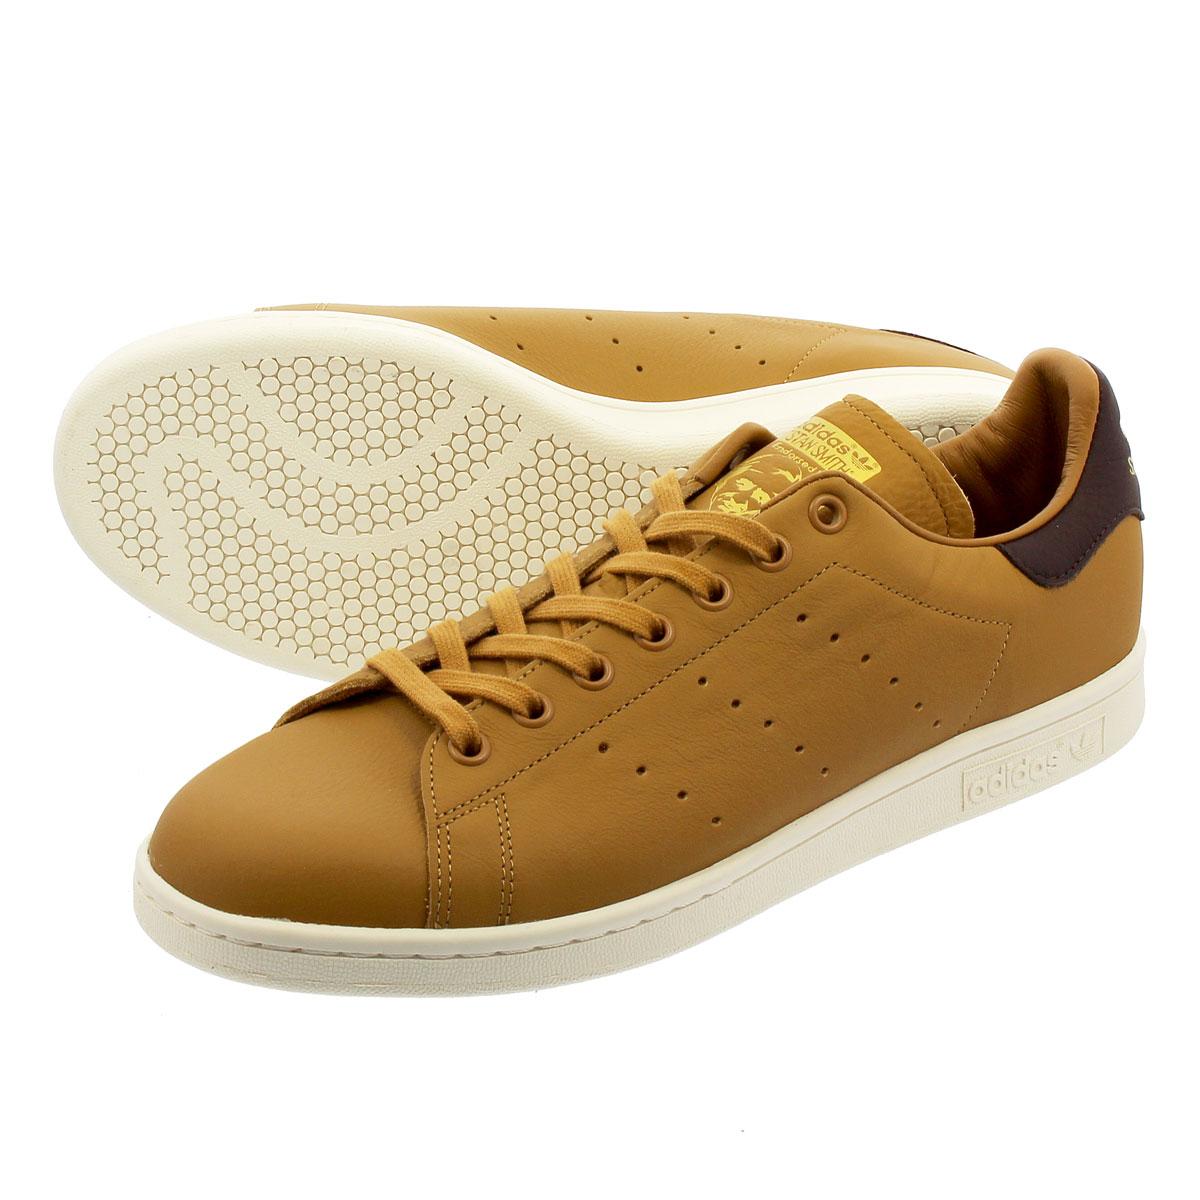 a8b8c1cbd3 adidas STAN SMITH Adidas Stan Smith MESA/MESA/CHALK WHITE g28212 ...